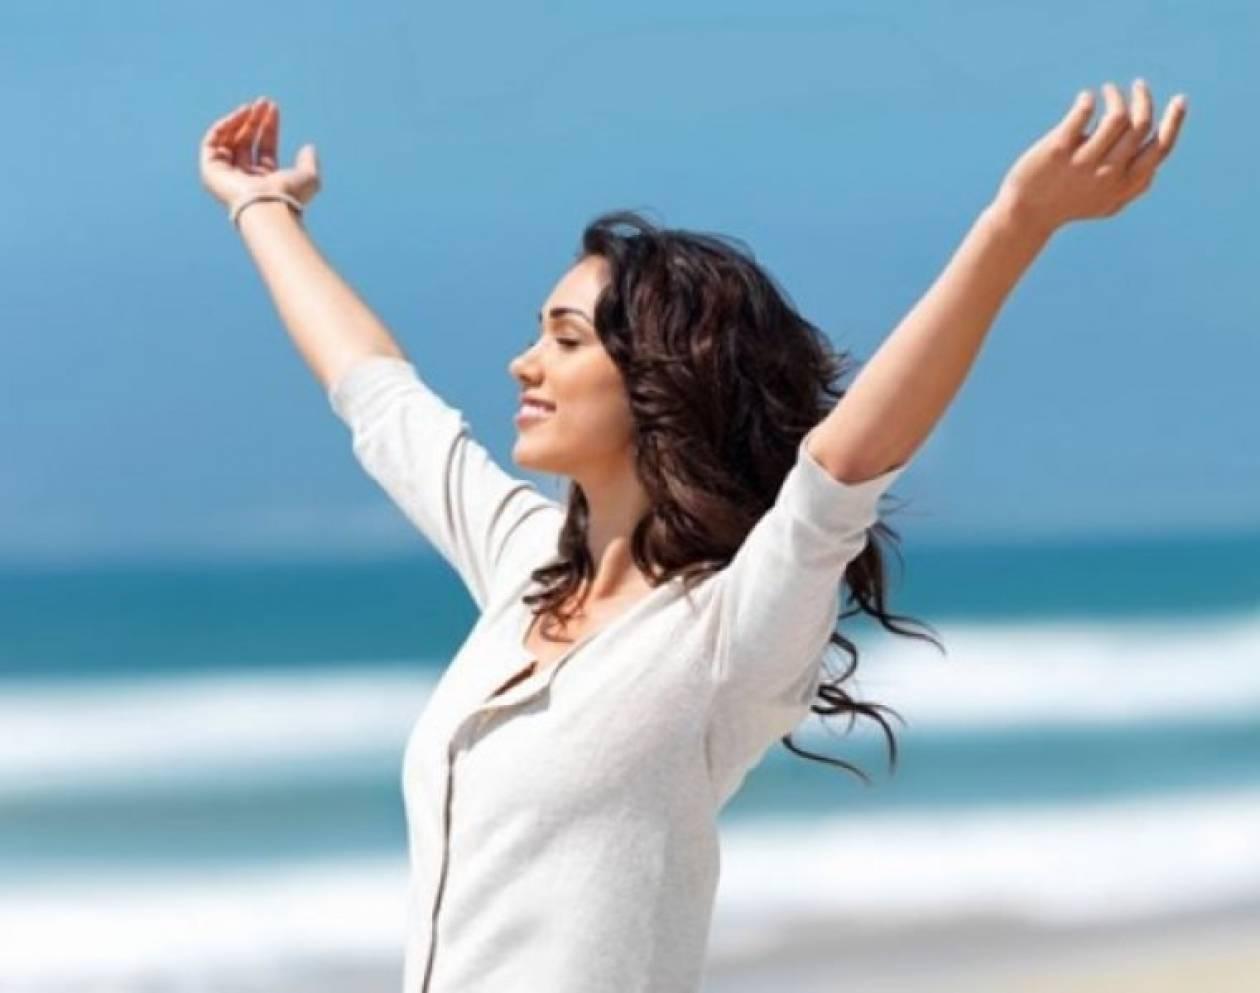 Έξυπνα tips για περισσότερο ελεύθερο χρόνο στην καθημερινότητά σας